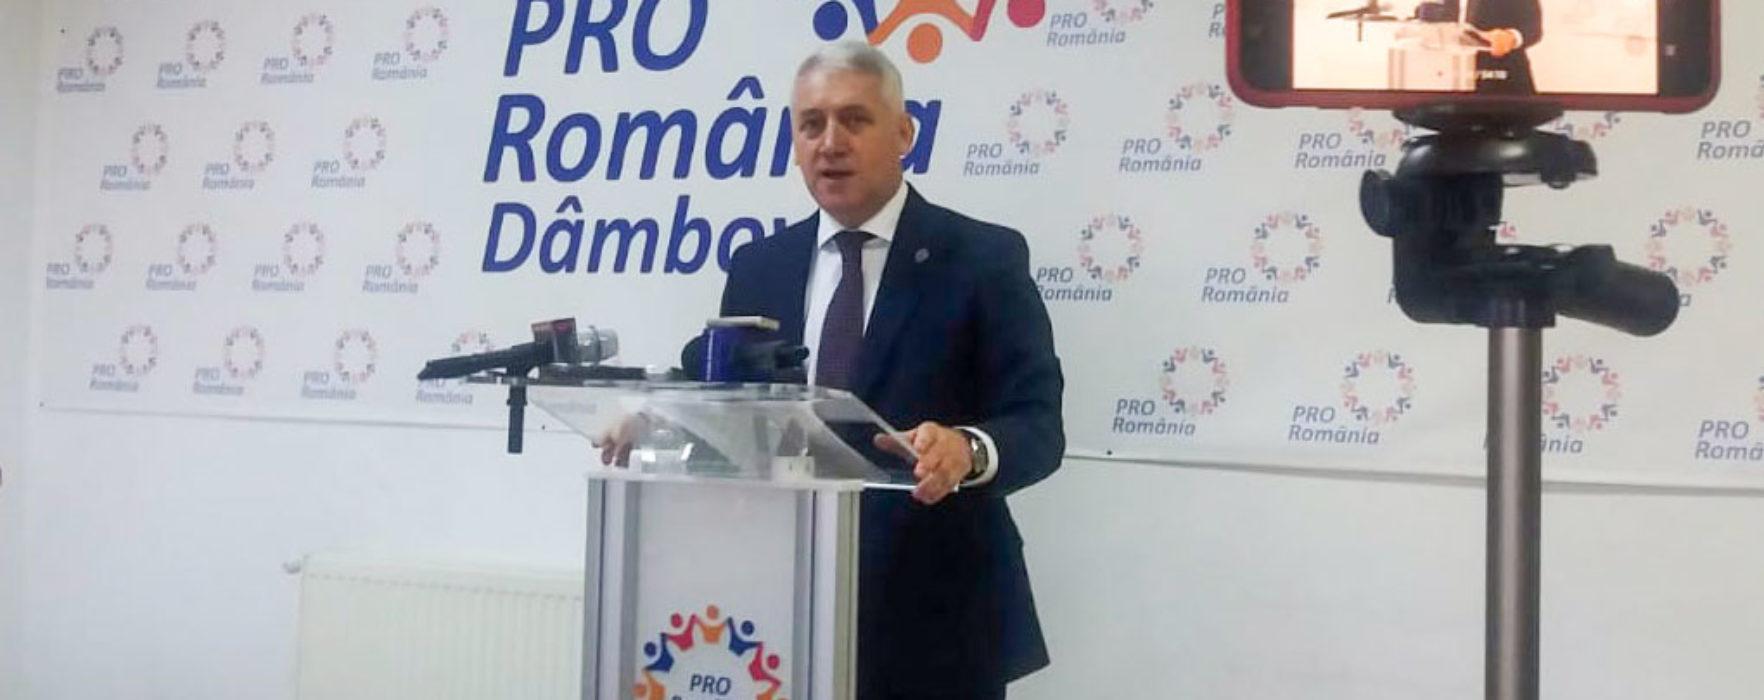 #Covid-19 Adrian Ţuţuianu: Pro România propune măsuri de sprijinire a firmelor